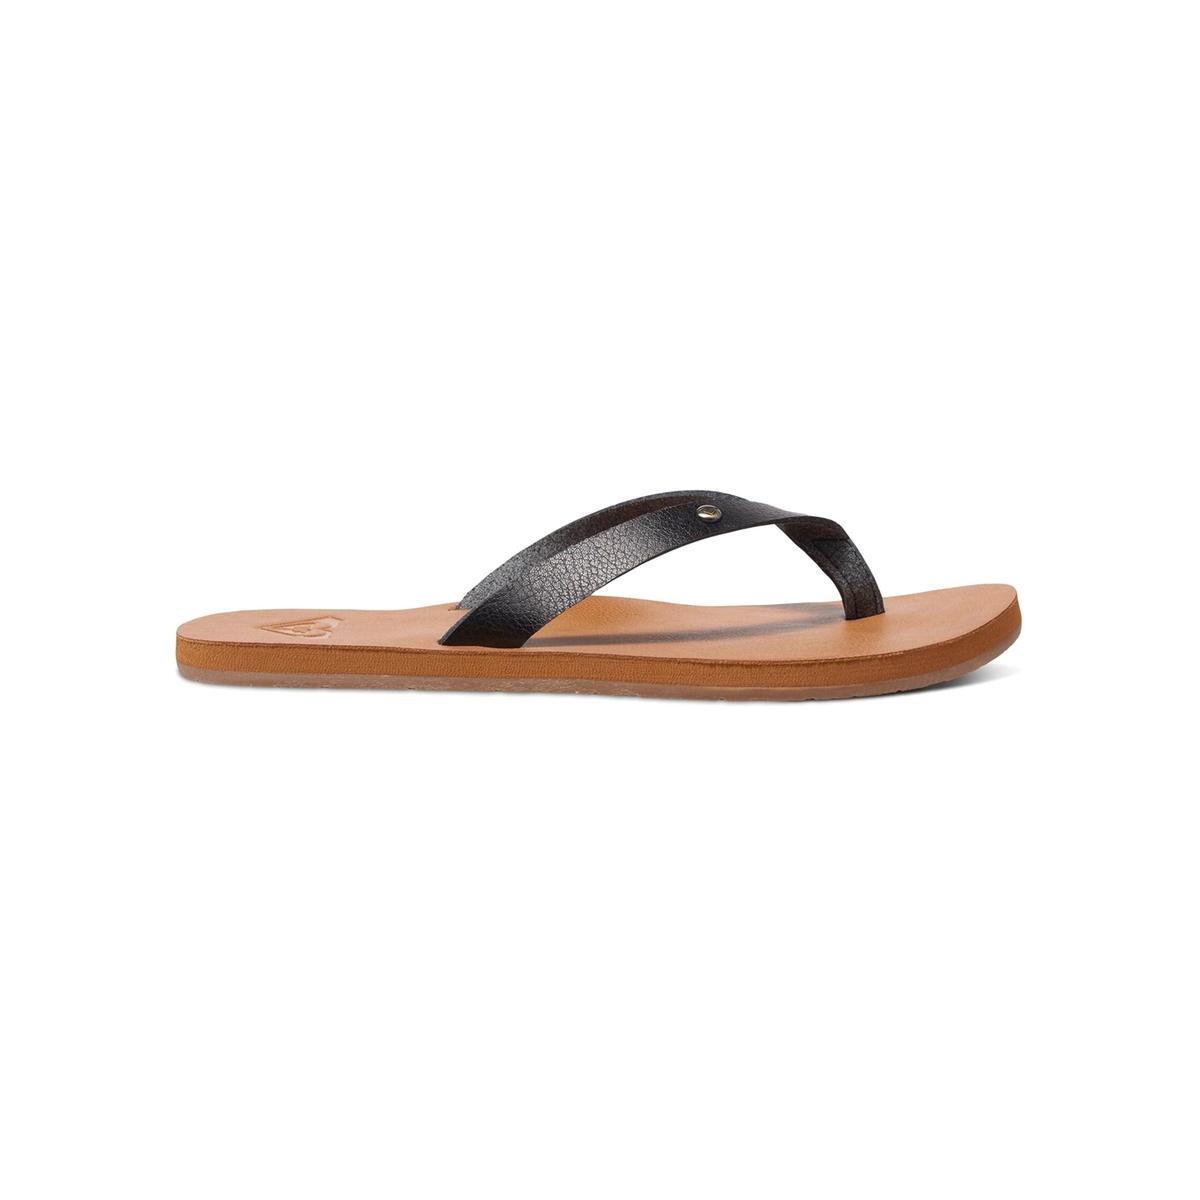 Вьетнамки JYLLВерх : синтетика   Подошва : каучук   Форма каблука : плоский каблук   Мысок : открытый мысок   Застежка : без застежки<br><br>Цвет: черный<br>Размер: 38.37